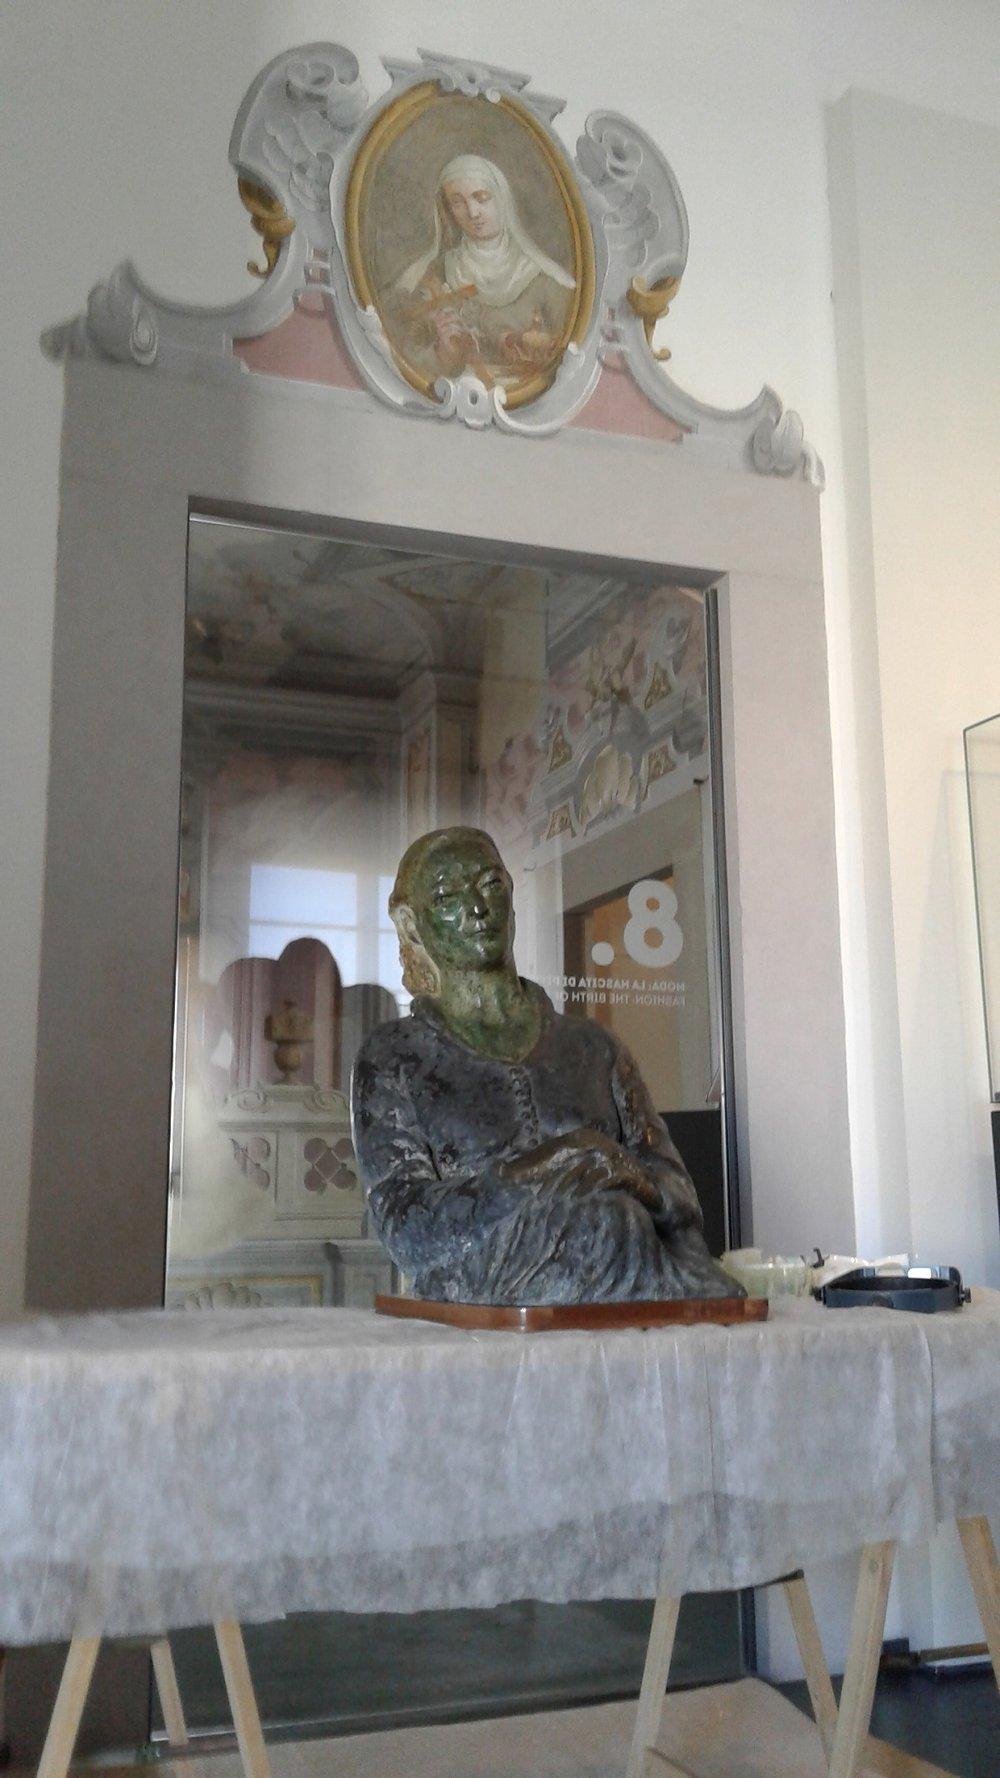 'Ritratto della signora Della Ragione madre' alla vigilia del suo debutto pubblico al museo